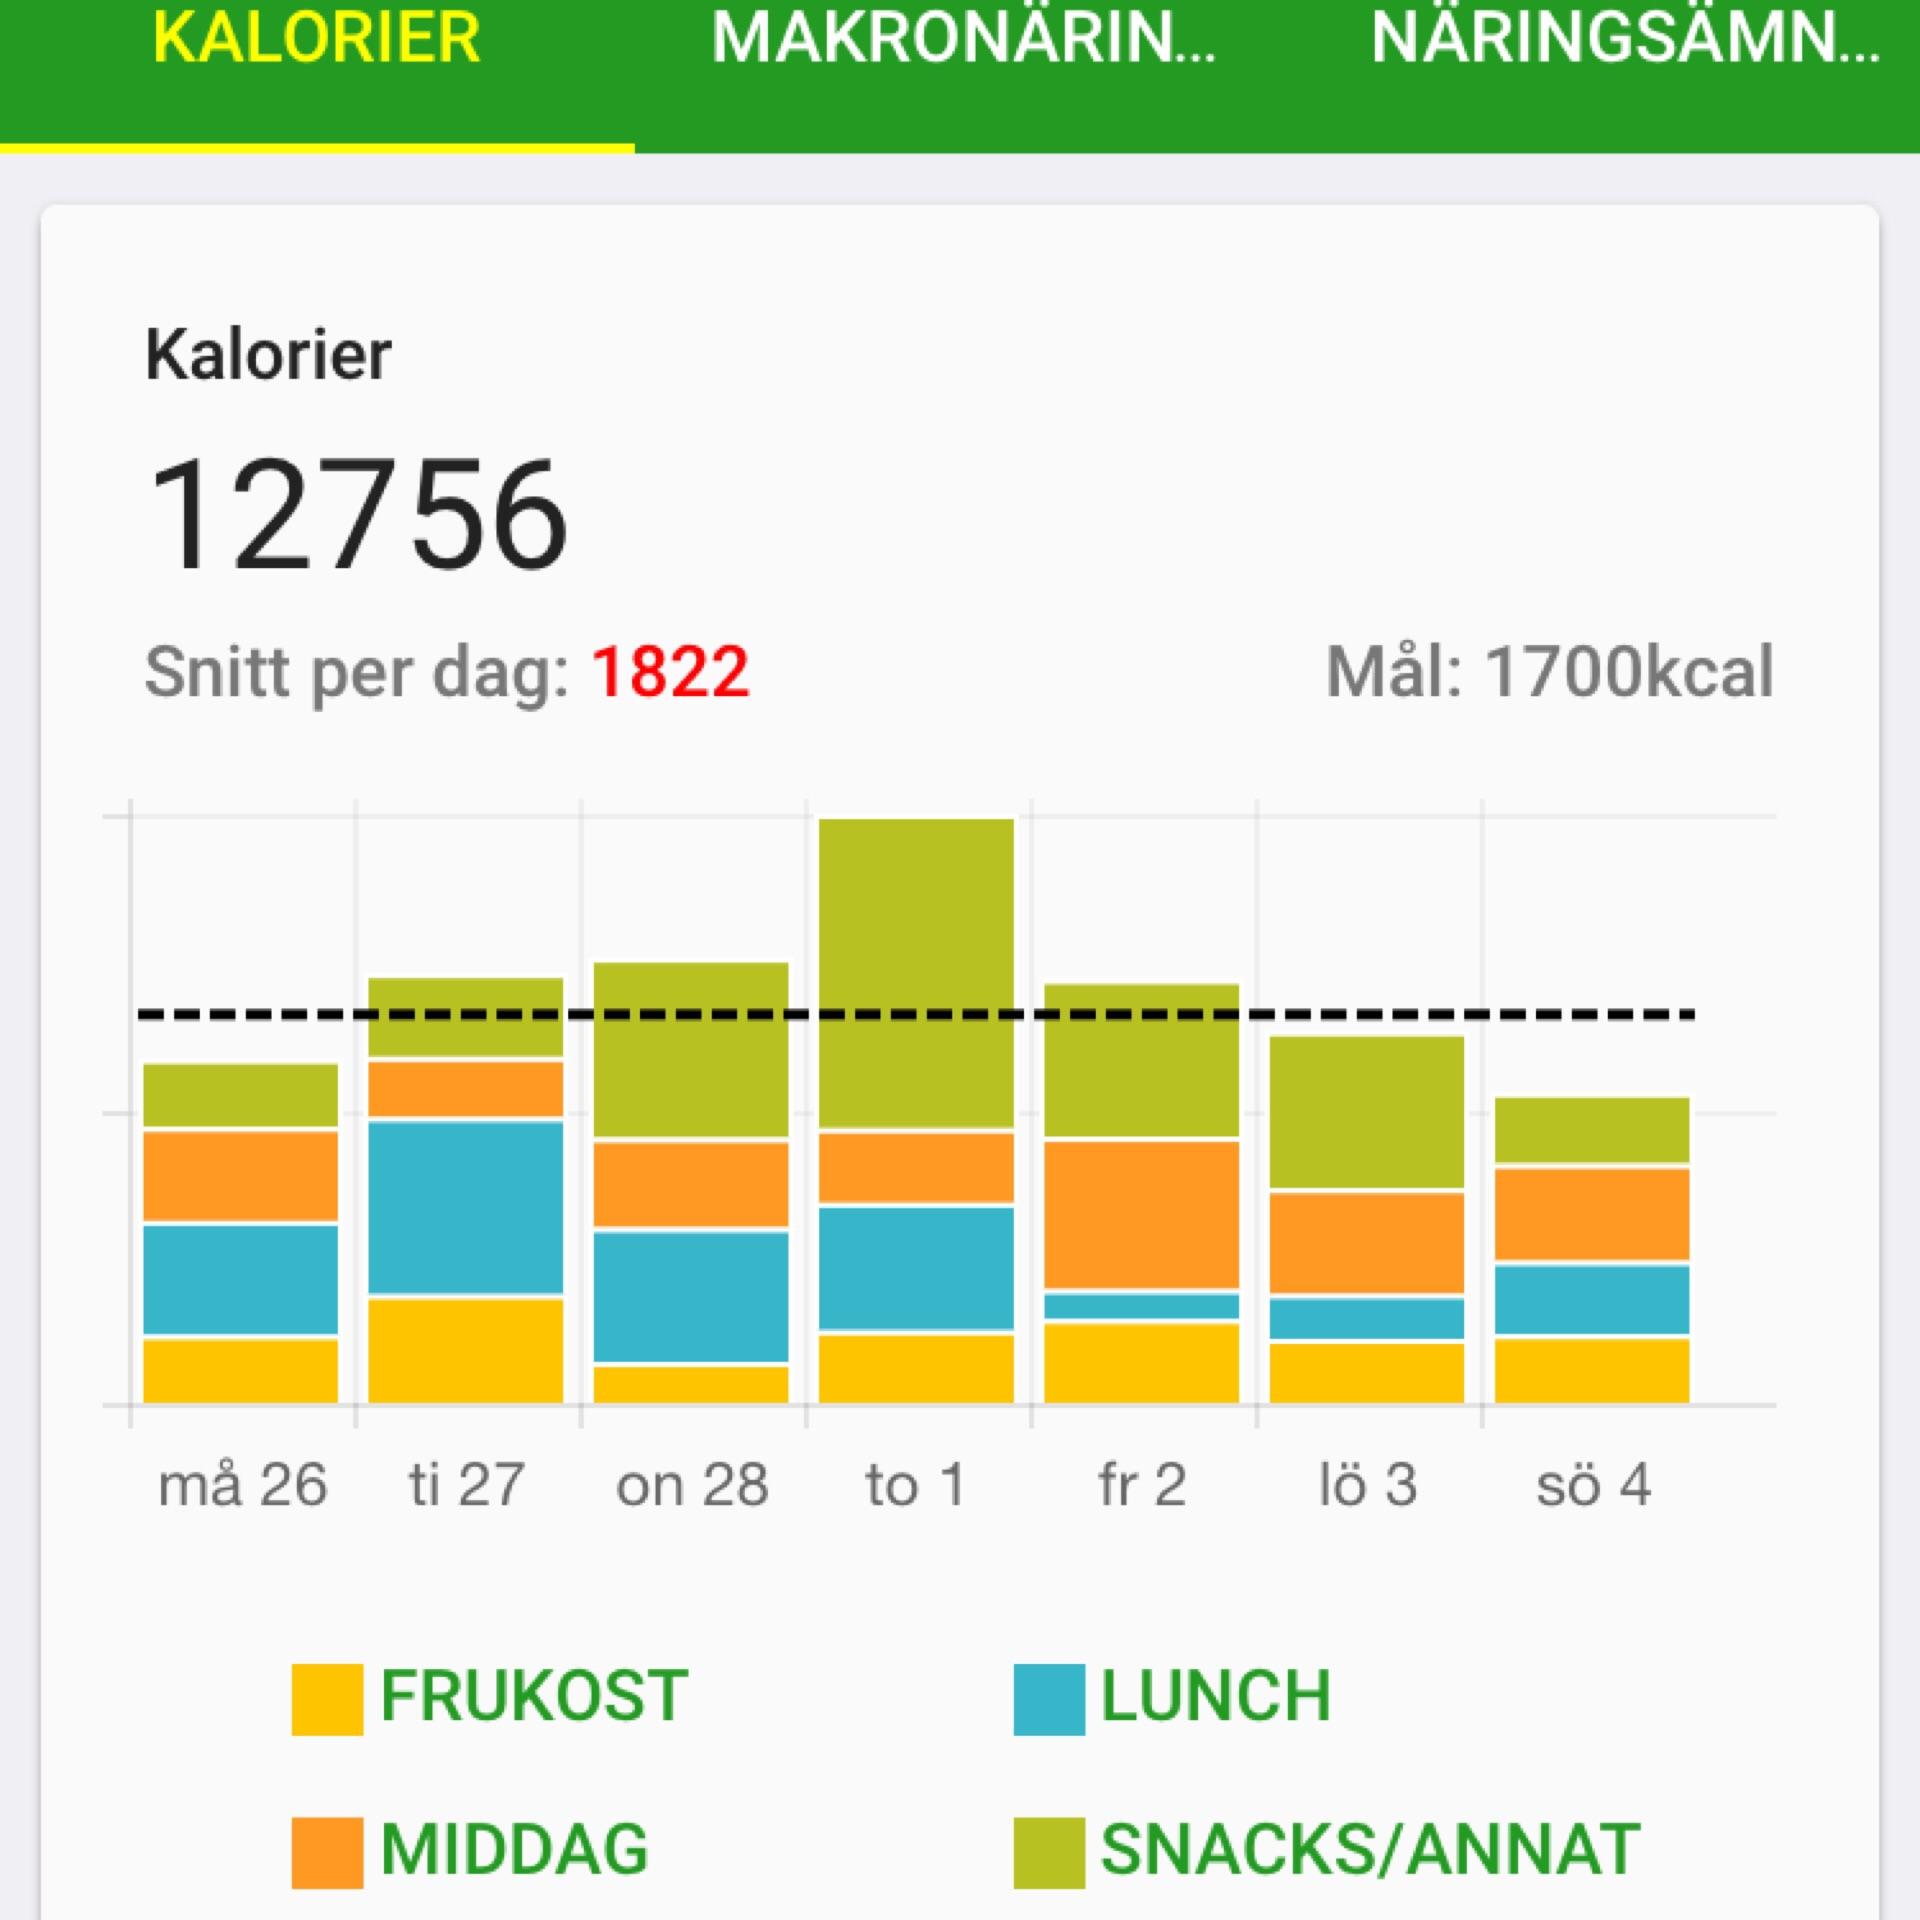 kalorier per dag